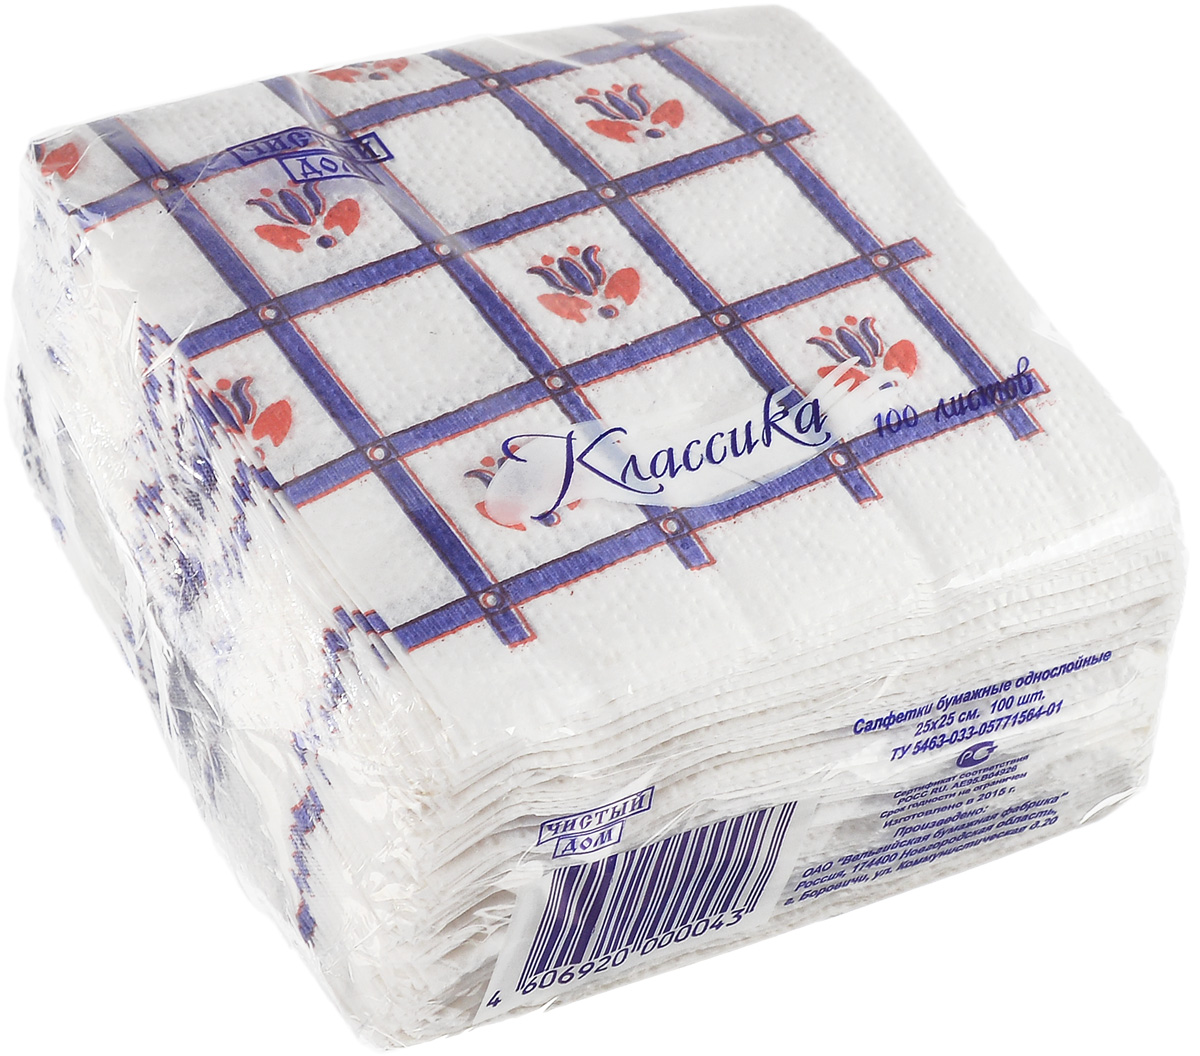 Салфетки бумажные Чистый дом Классика. Крупная клетка, однослойные, цвет: белый, фиолетовый, розовый, 25 х 25 см, 100 шт4606920000043_фиолетовый, розовый цветокОднослойные салфетки Чистый дом Классика. крупная клетка выполнены из 100% целлюлозы. Салфетки подходят для косметического, санитарно-гигиенического и хозяйственного назначения. Нежные и мягкие. Размер салфеток: 25 х 25 см.